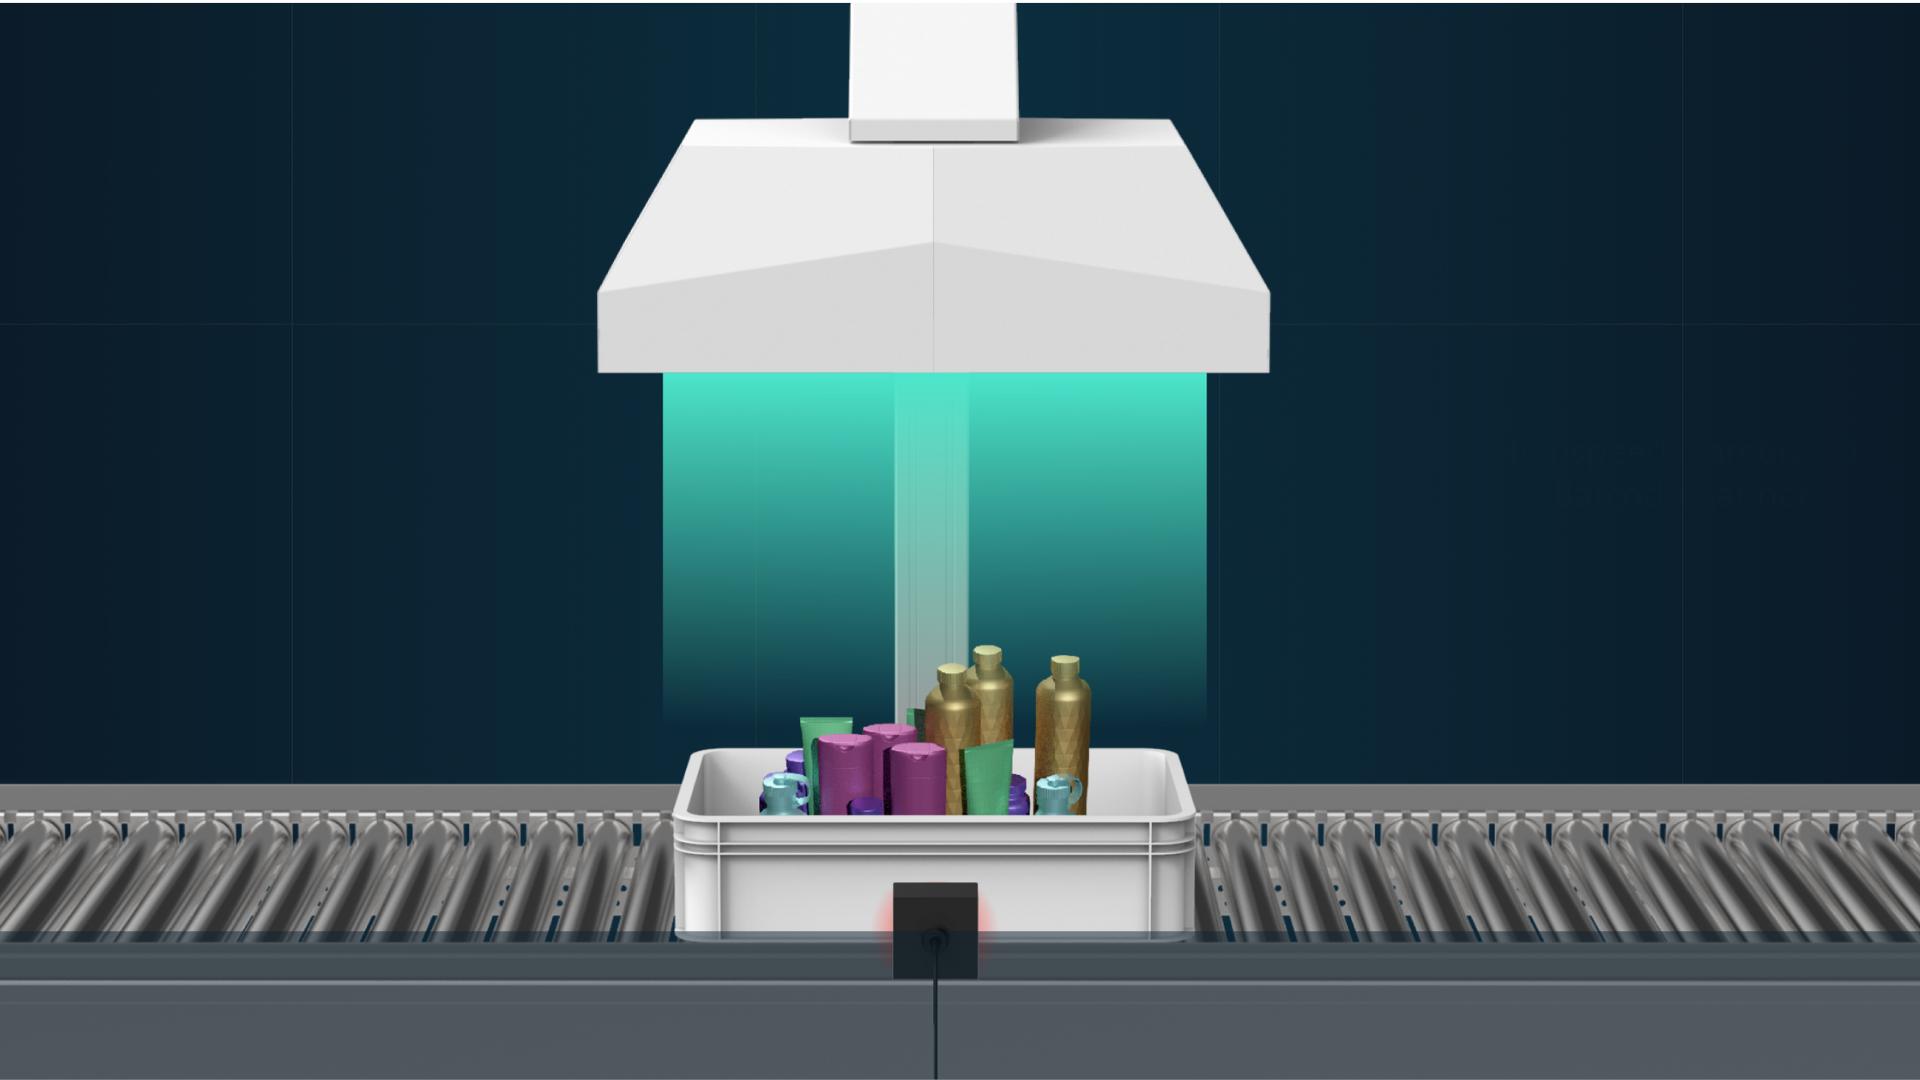 Die ivii.photostation für Prozessbeschleunigung beim Scannen von Produkten